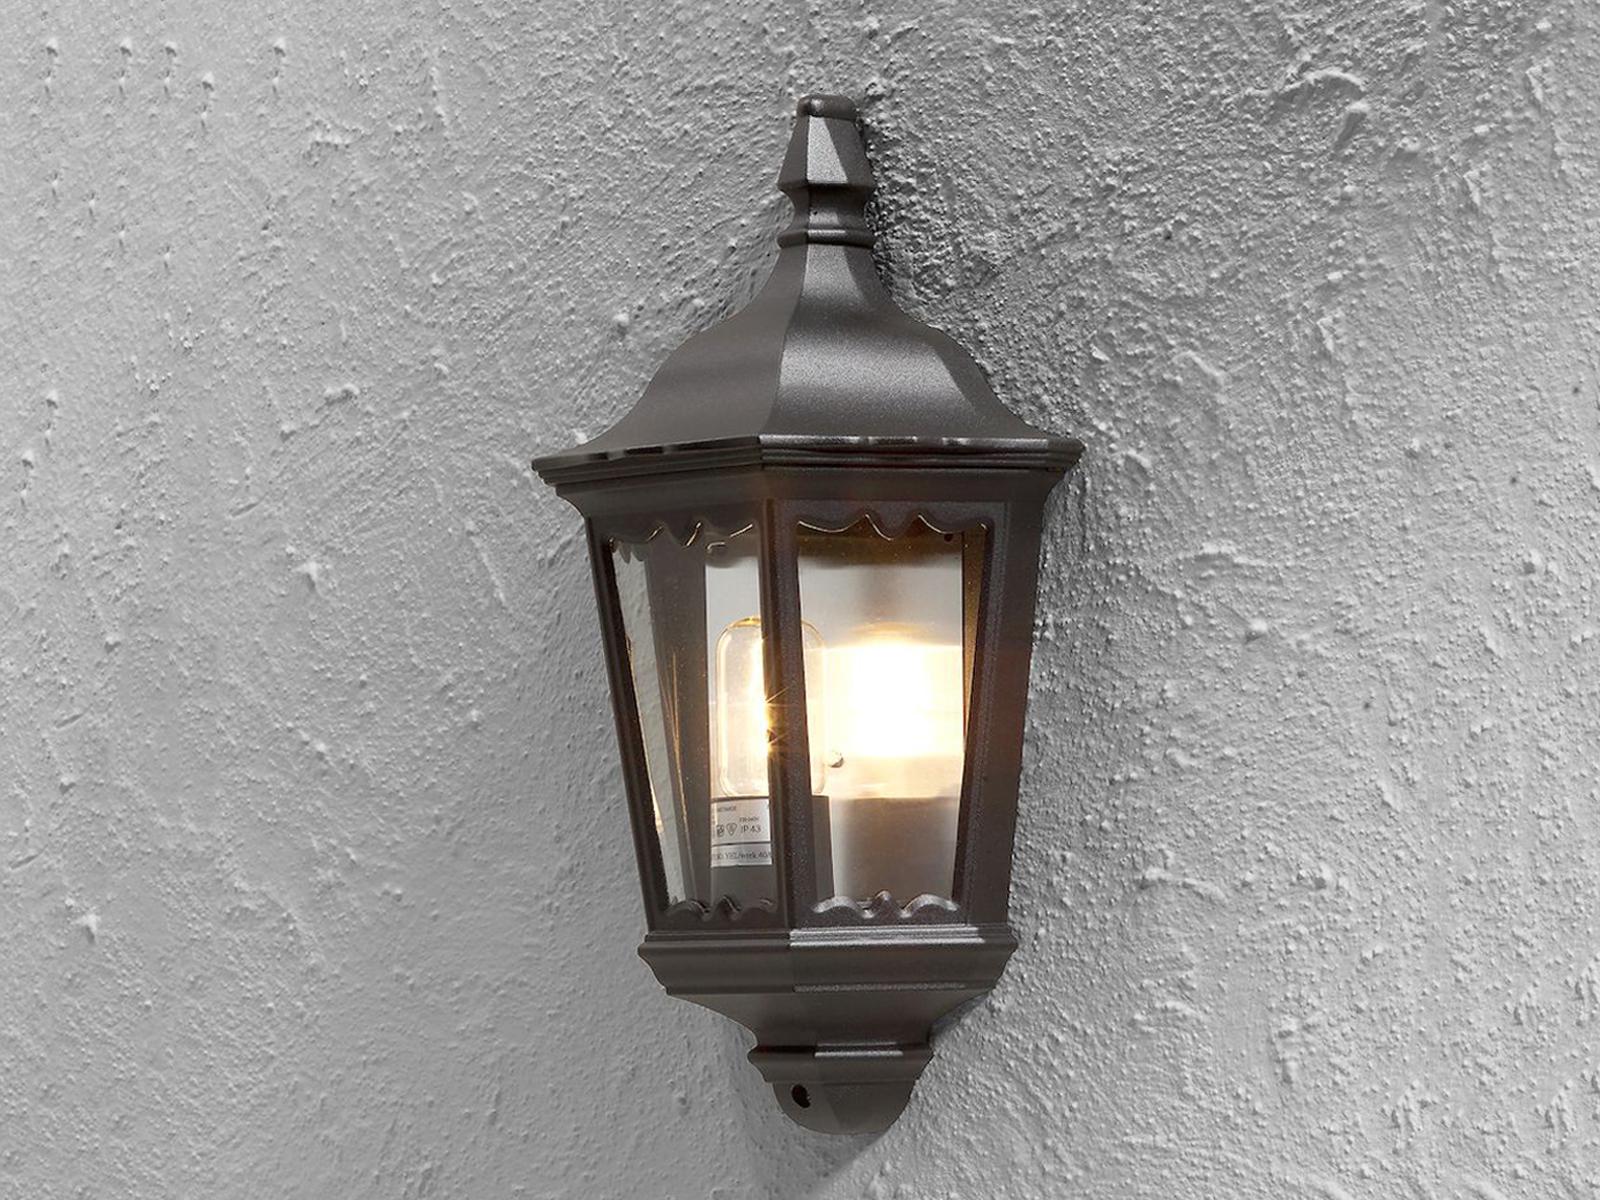 Schwarze Halbschalen Außenwandleuchte FIRENZE FIRENZE FIRENZE Wandleuchte Wandlampe 1a1f6c